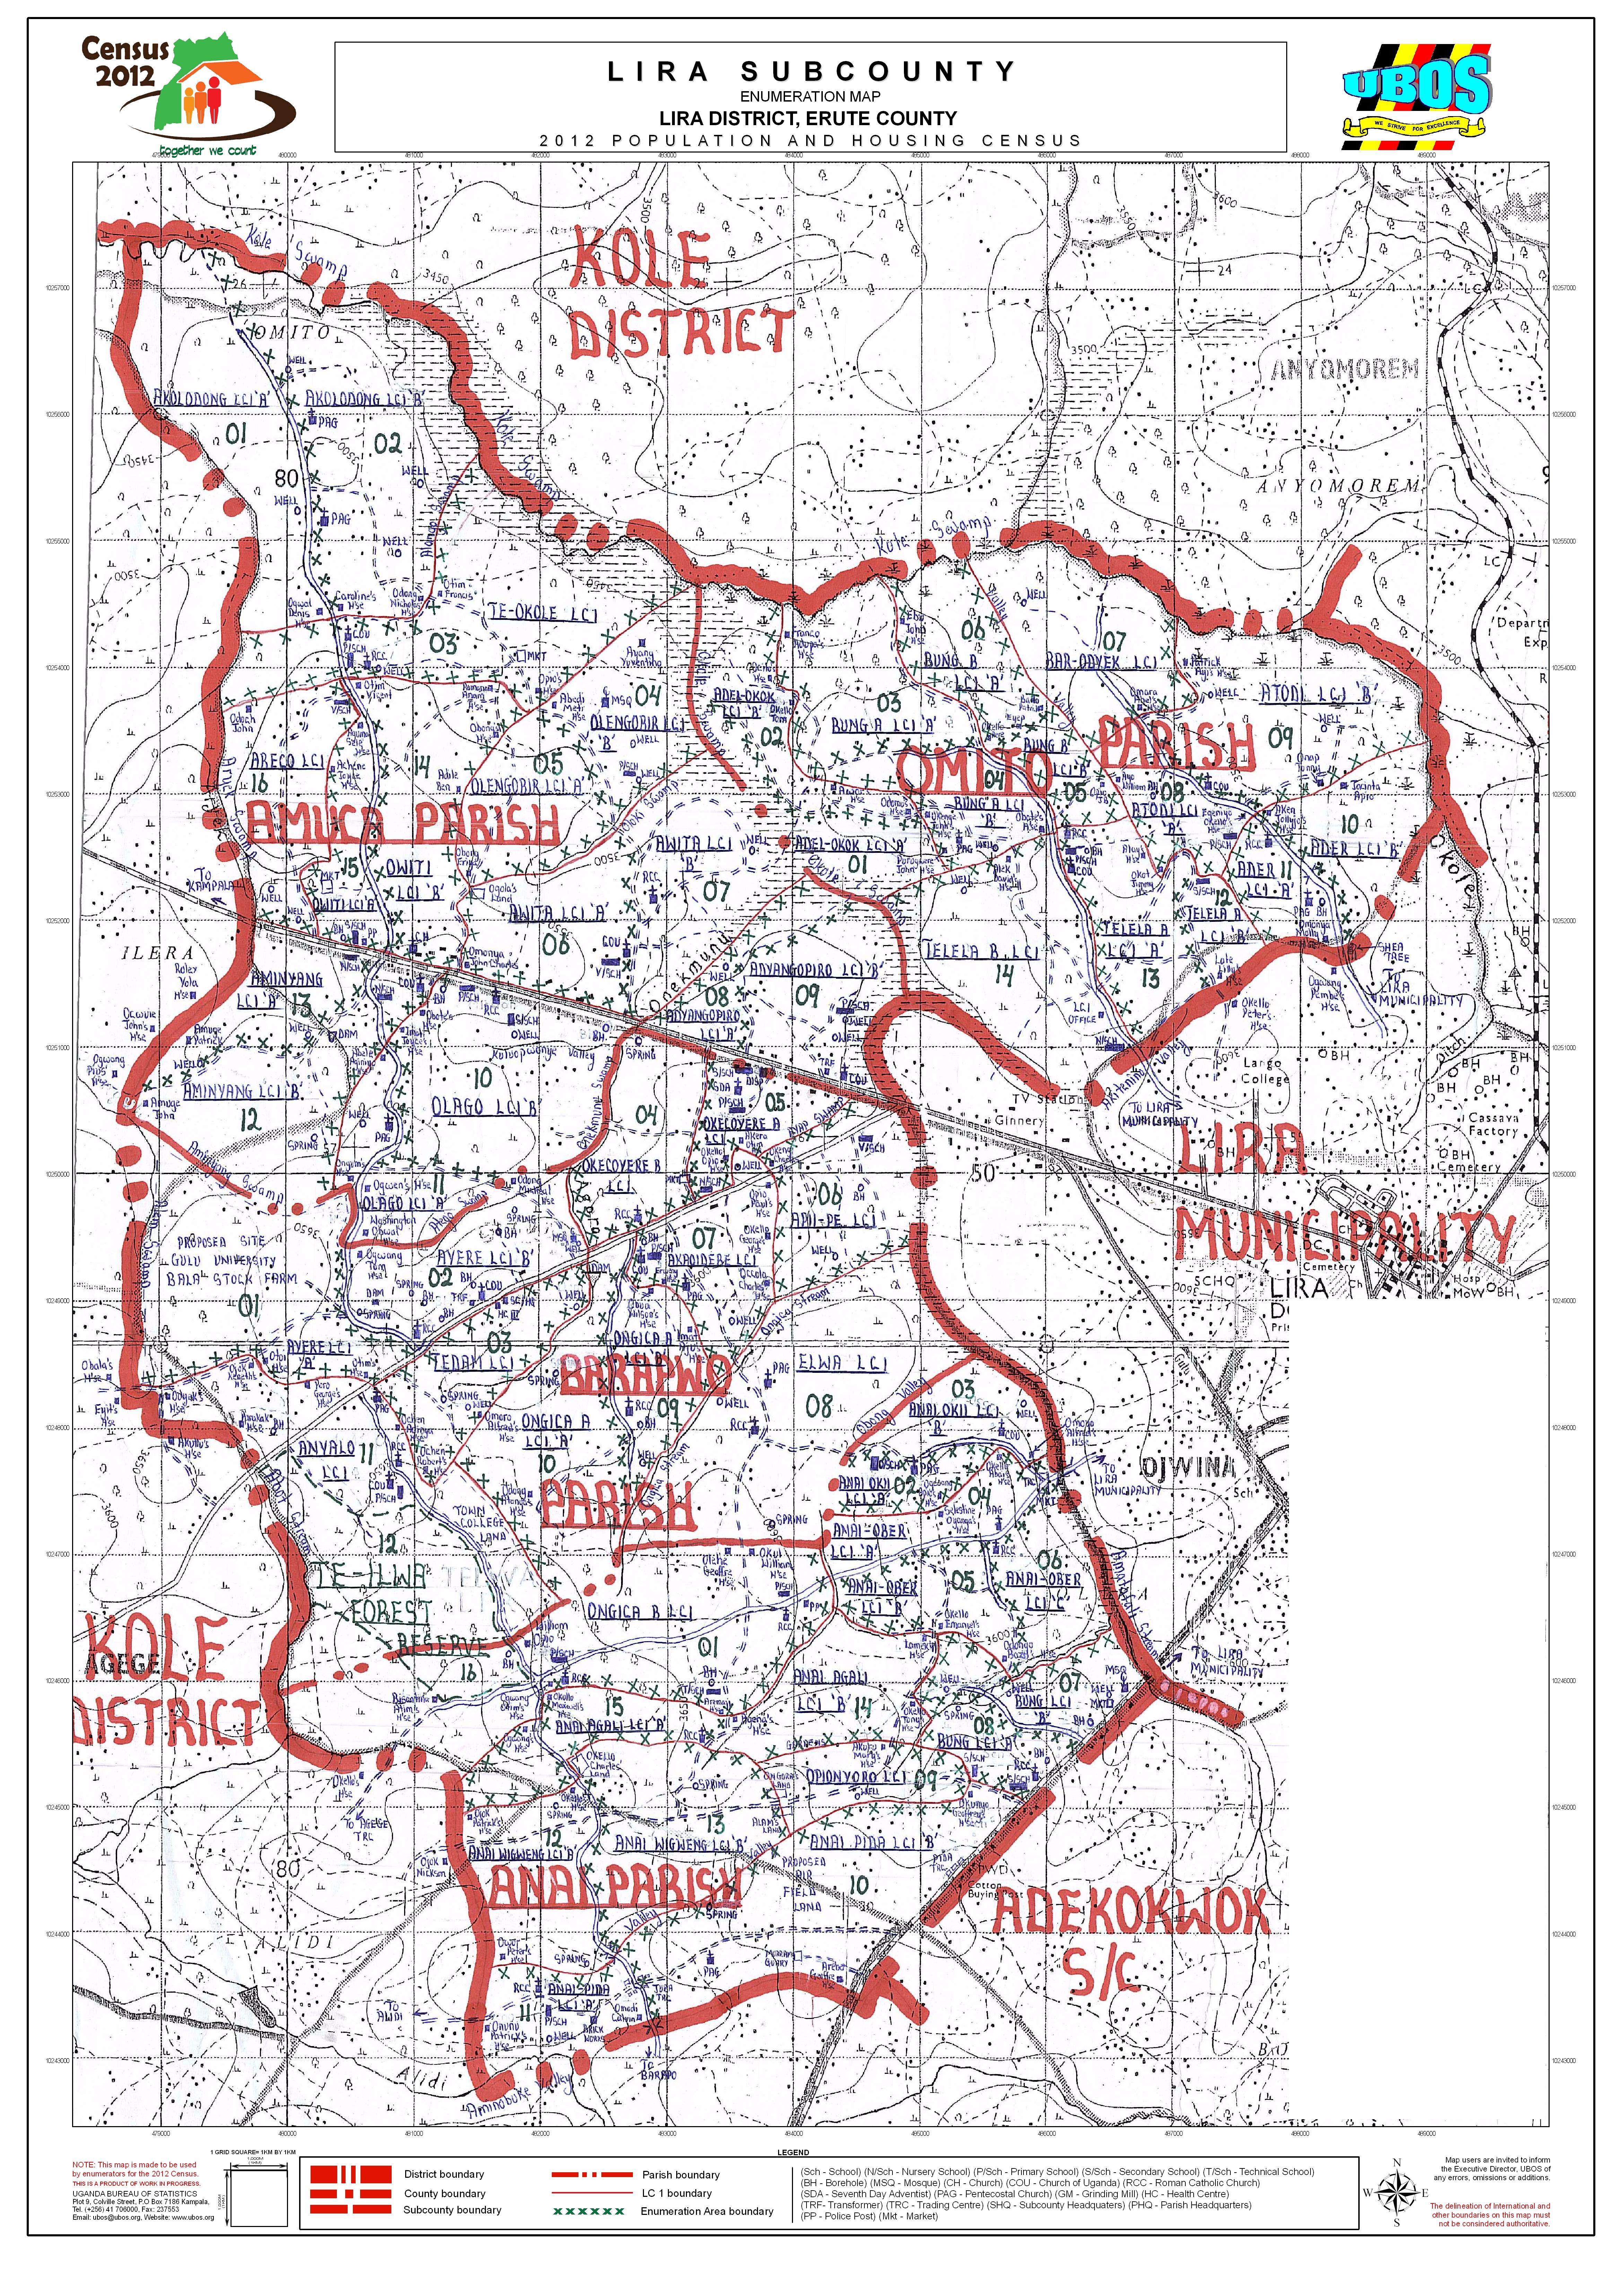 Lira Sub County | Lira District